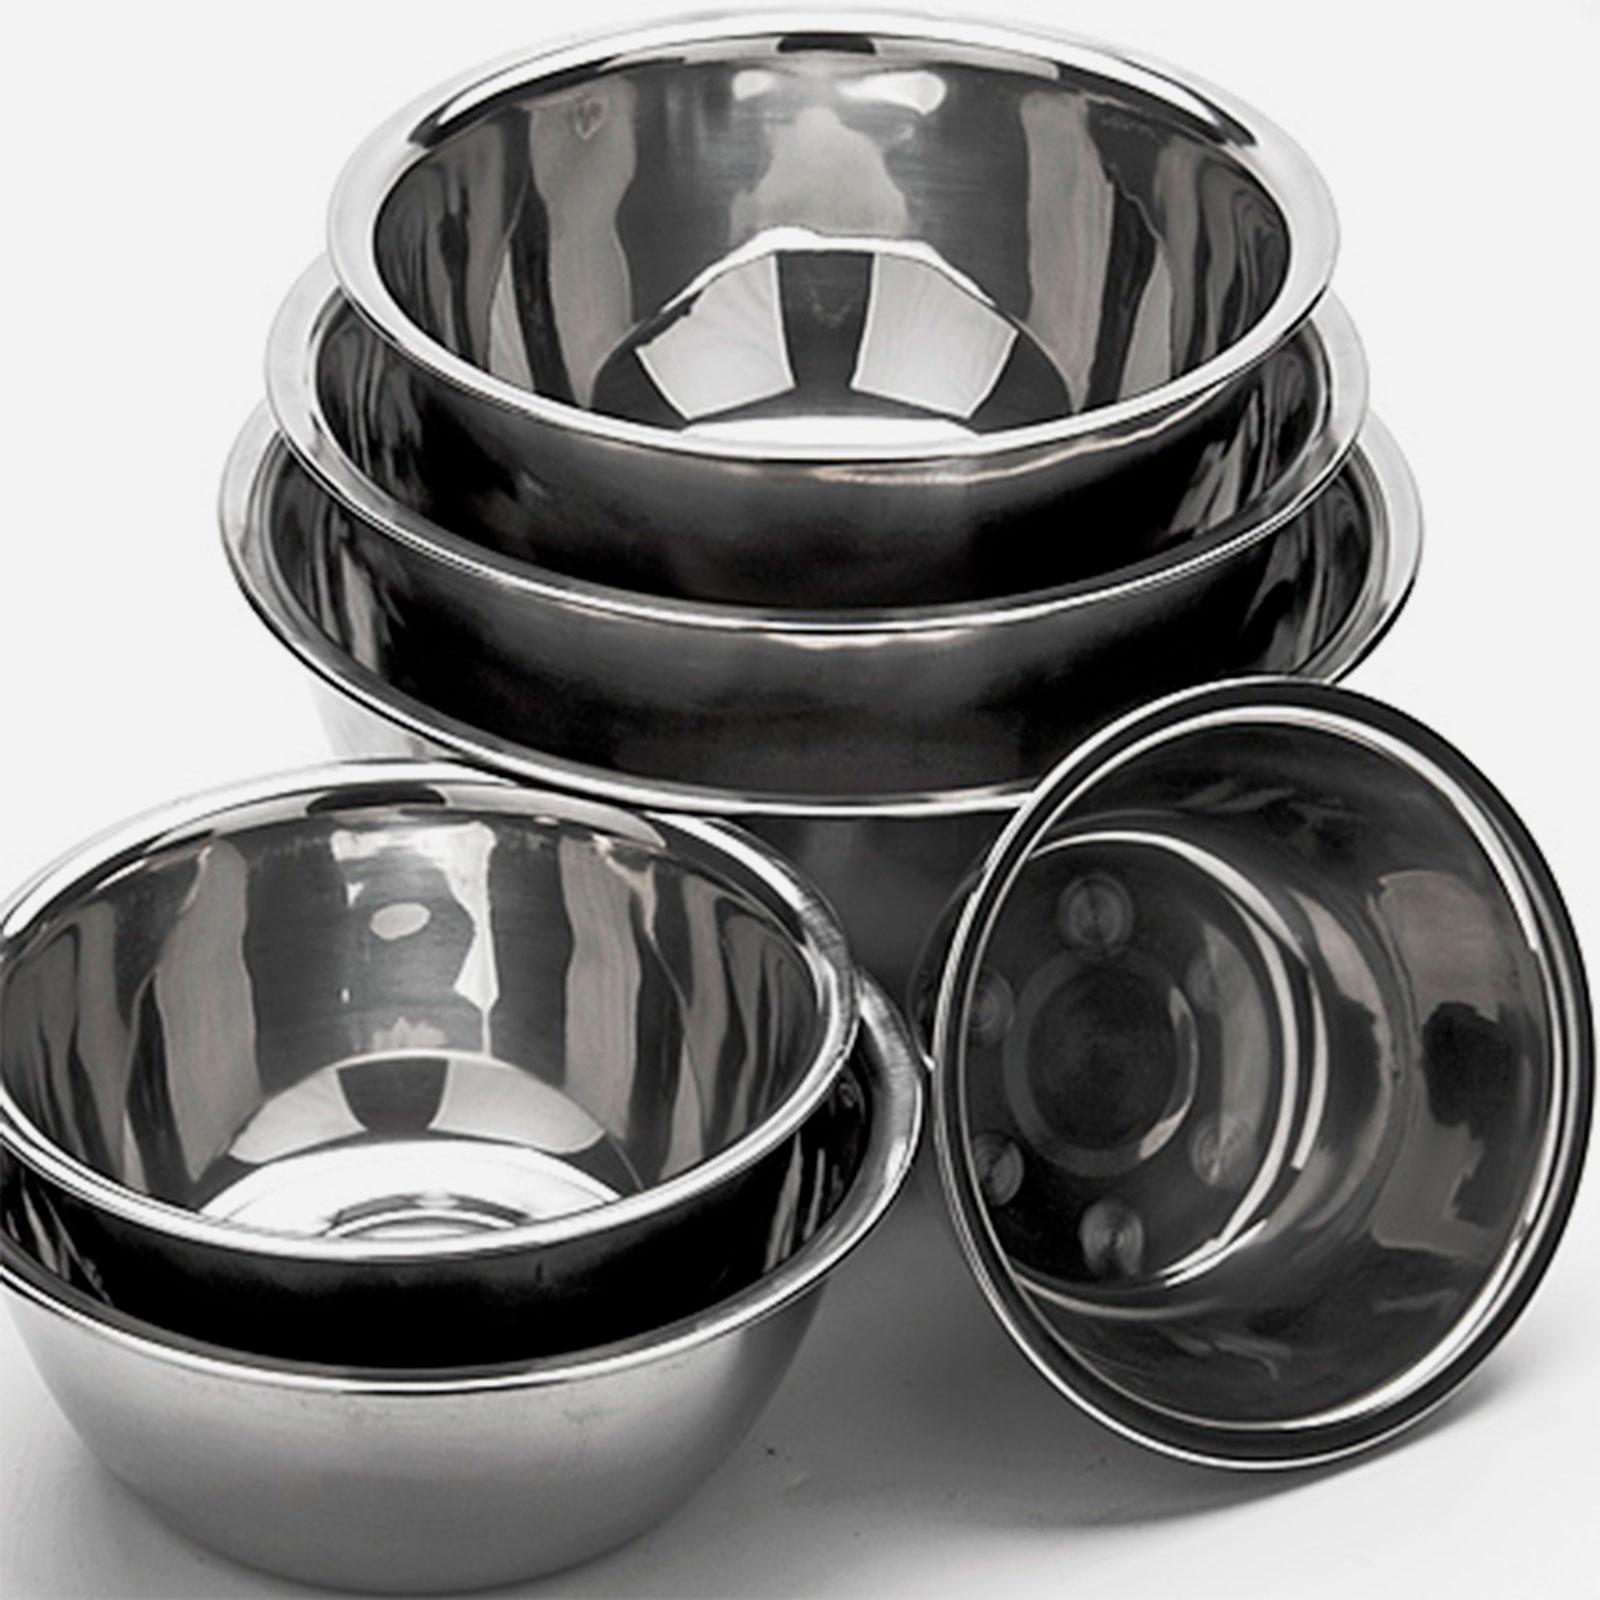 Набор мисок для идеальной кухни 6 предметов